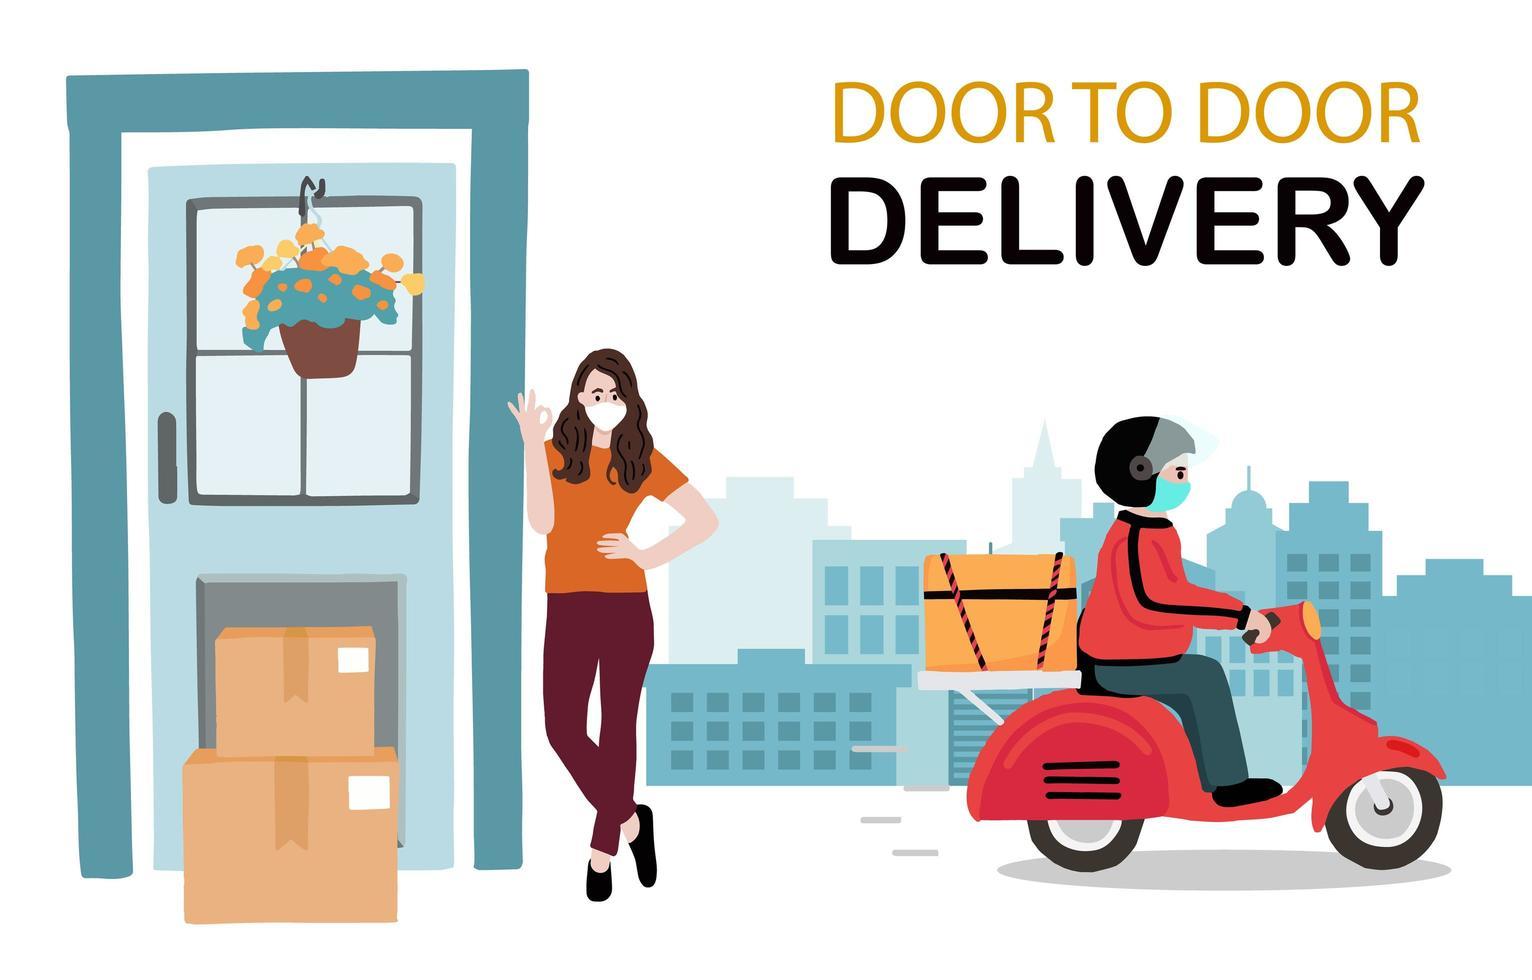 diseño de servicio de entrega puerta a puerta sin contacto vector